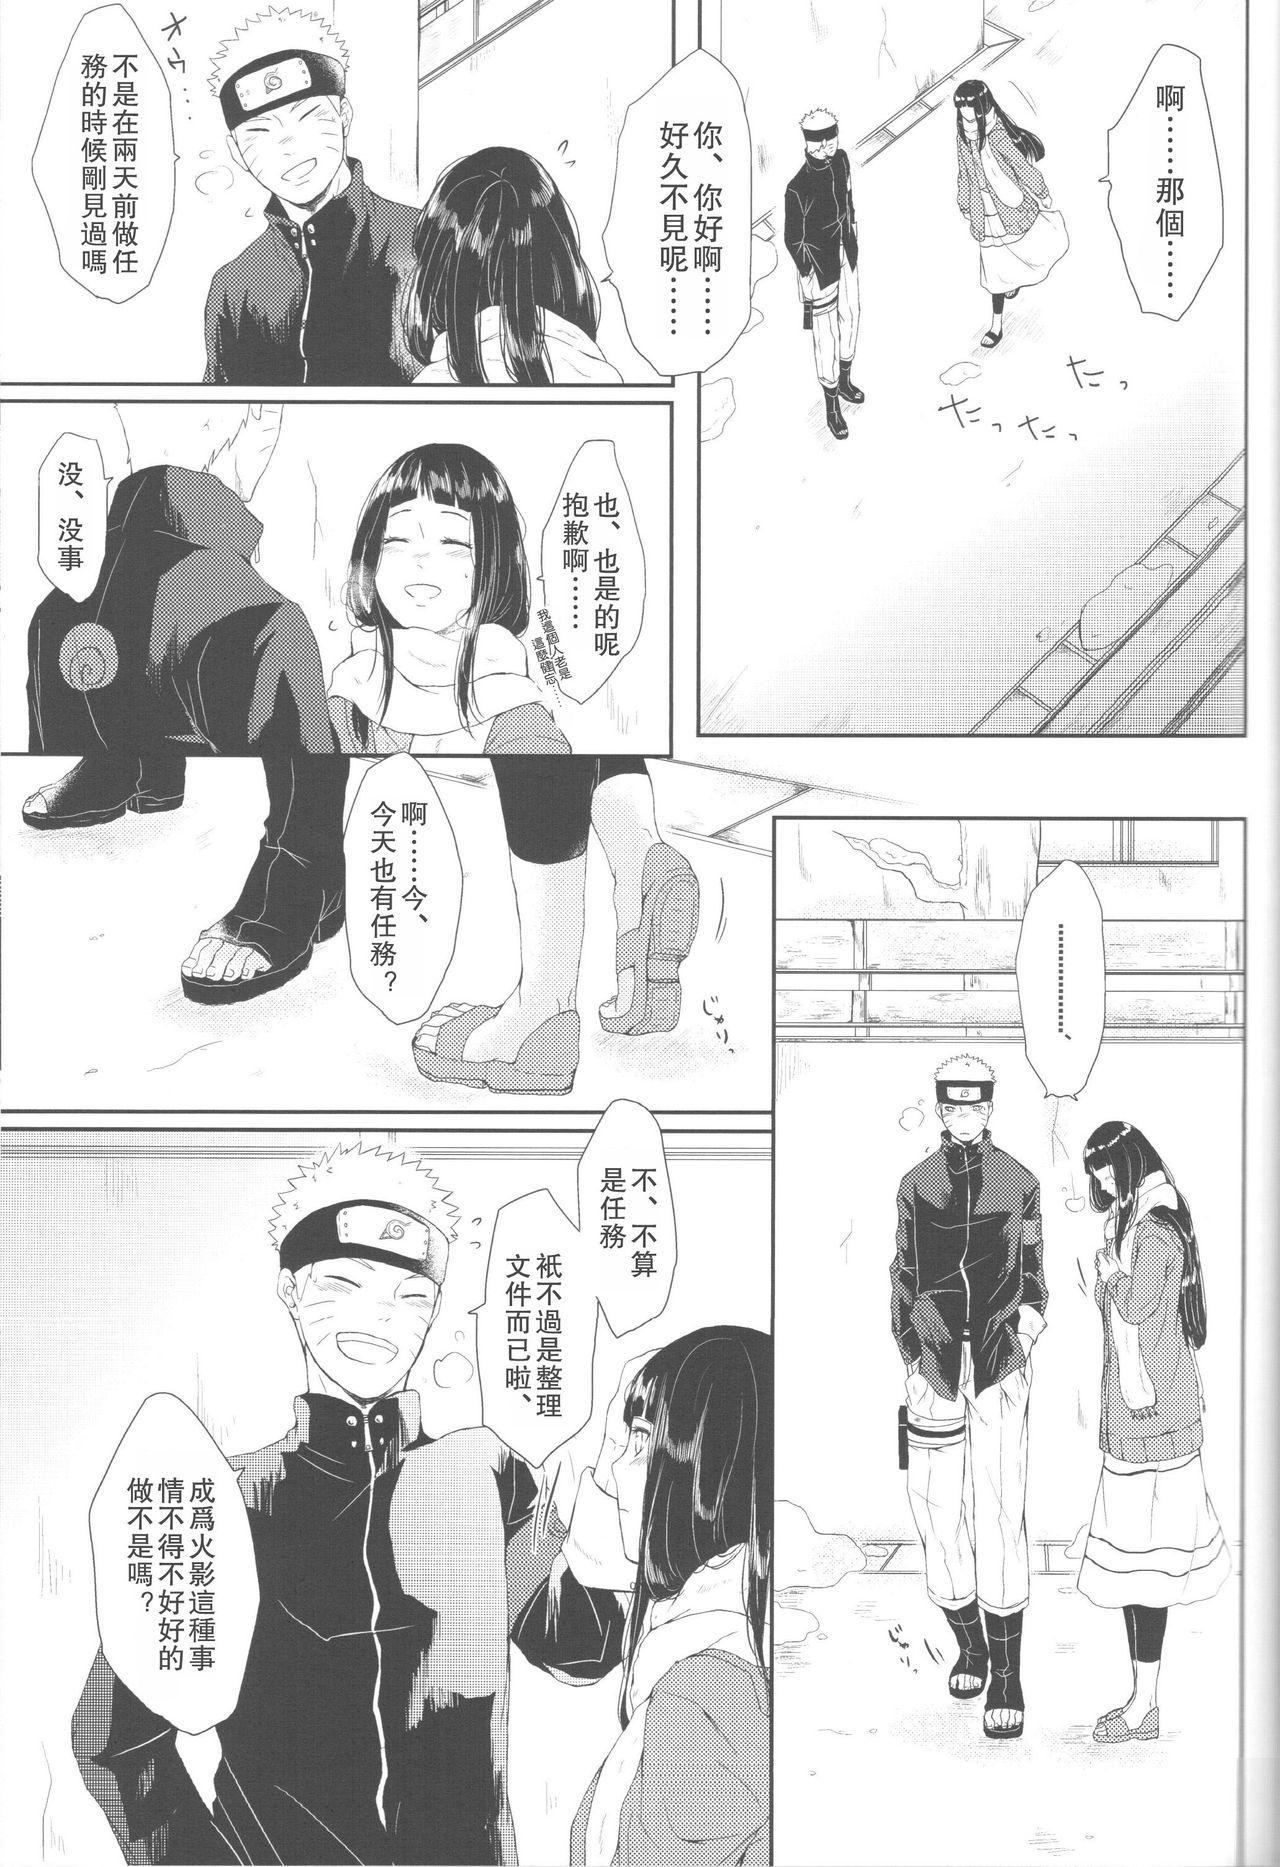 Watashi No Hajimete 16